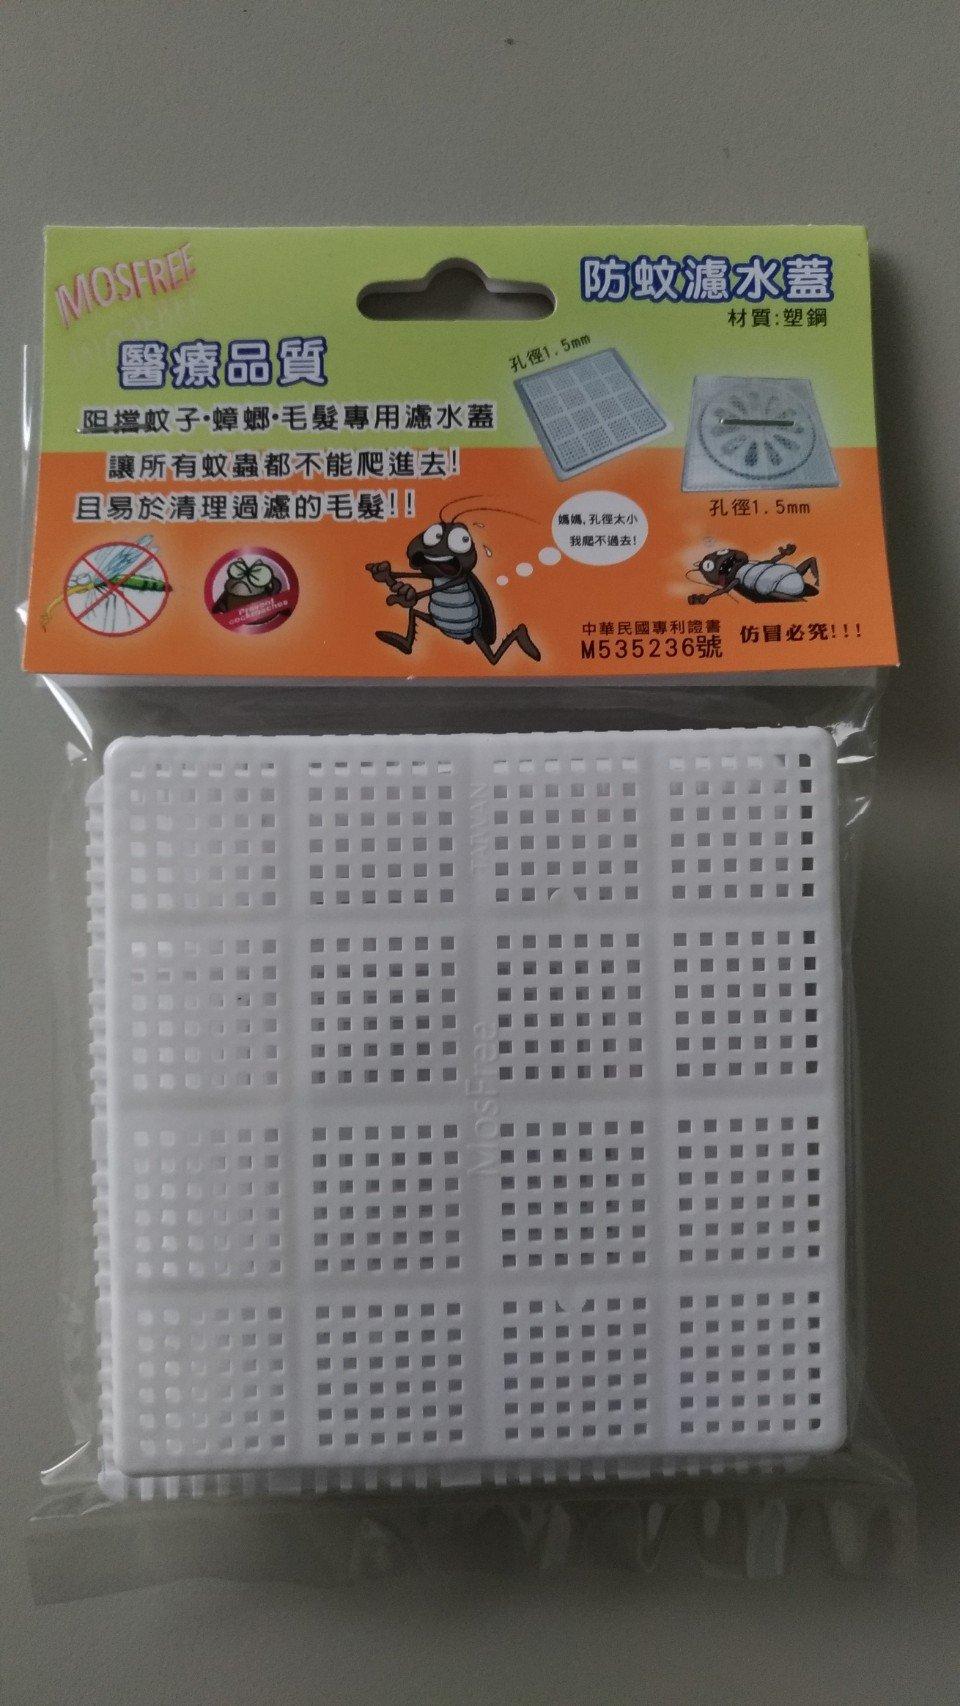 (4個一組 包) MosFree 防蚊濾水蓋 排水孔濾網 毛髮過濾網 防蚊防蟑 小強剋星 浴室排水孔濾網